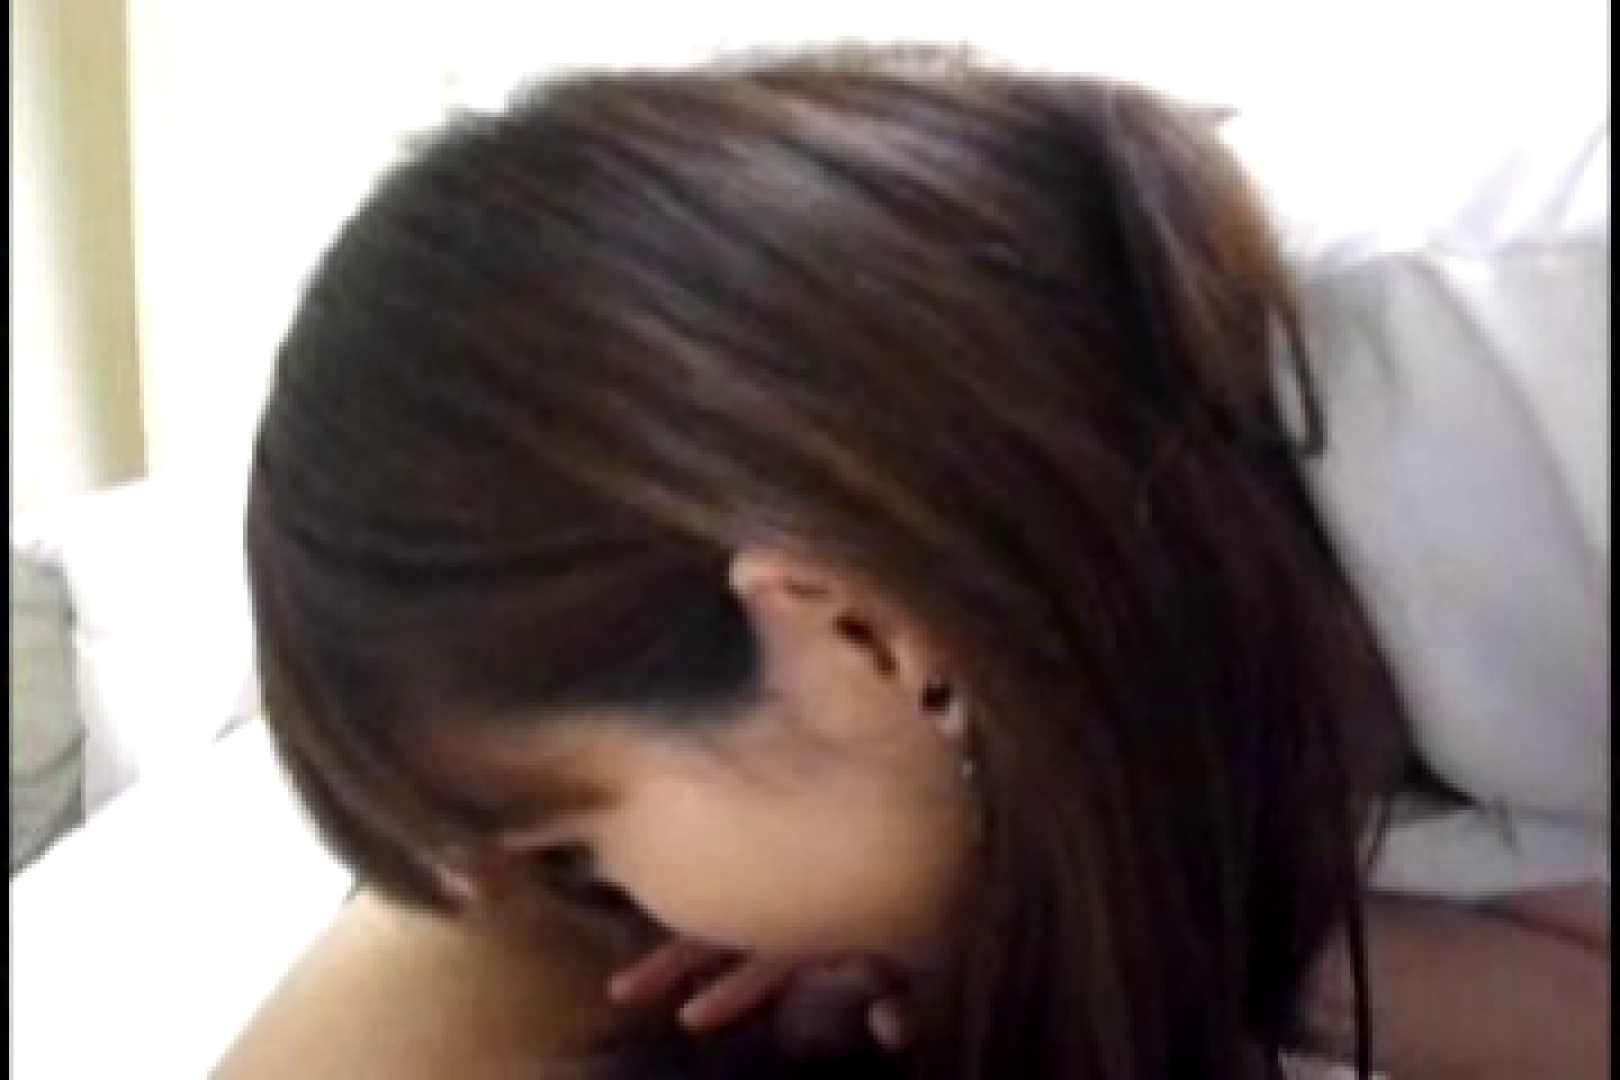 ヤリマンと呼ばれた看護士さんvol1 OLのエッチ  112pic 81